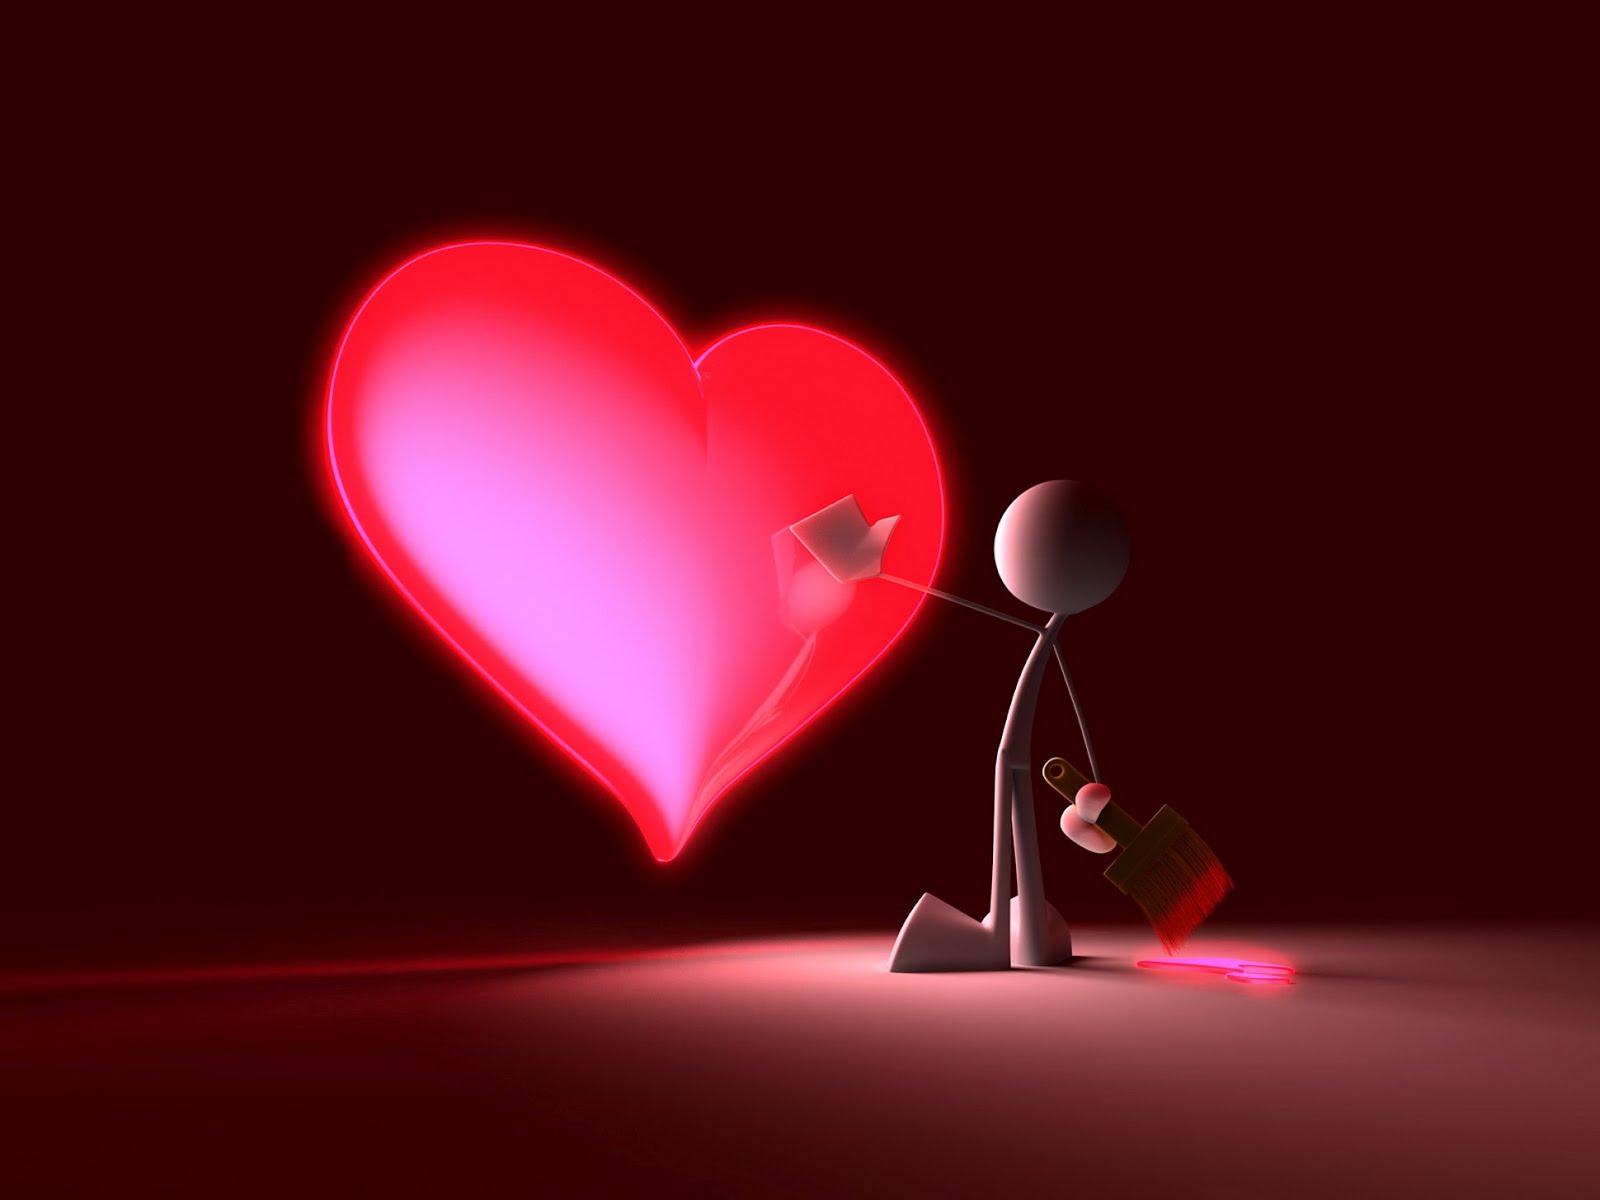 Fondo de pantalla personalizado para enamorados para dos